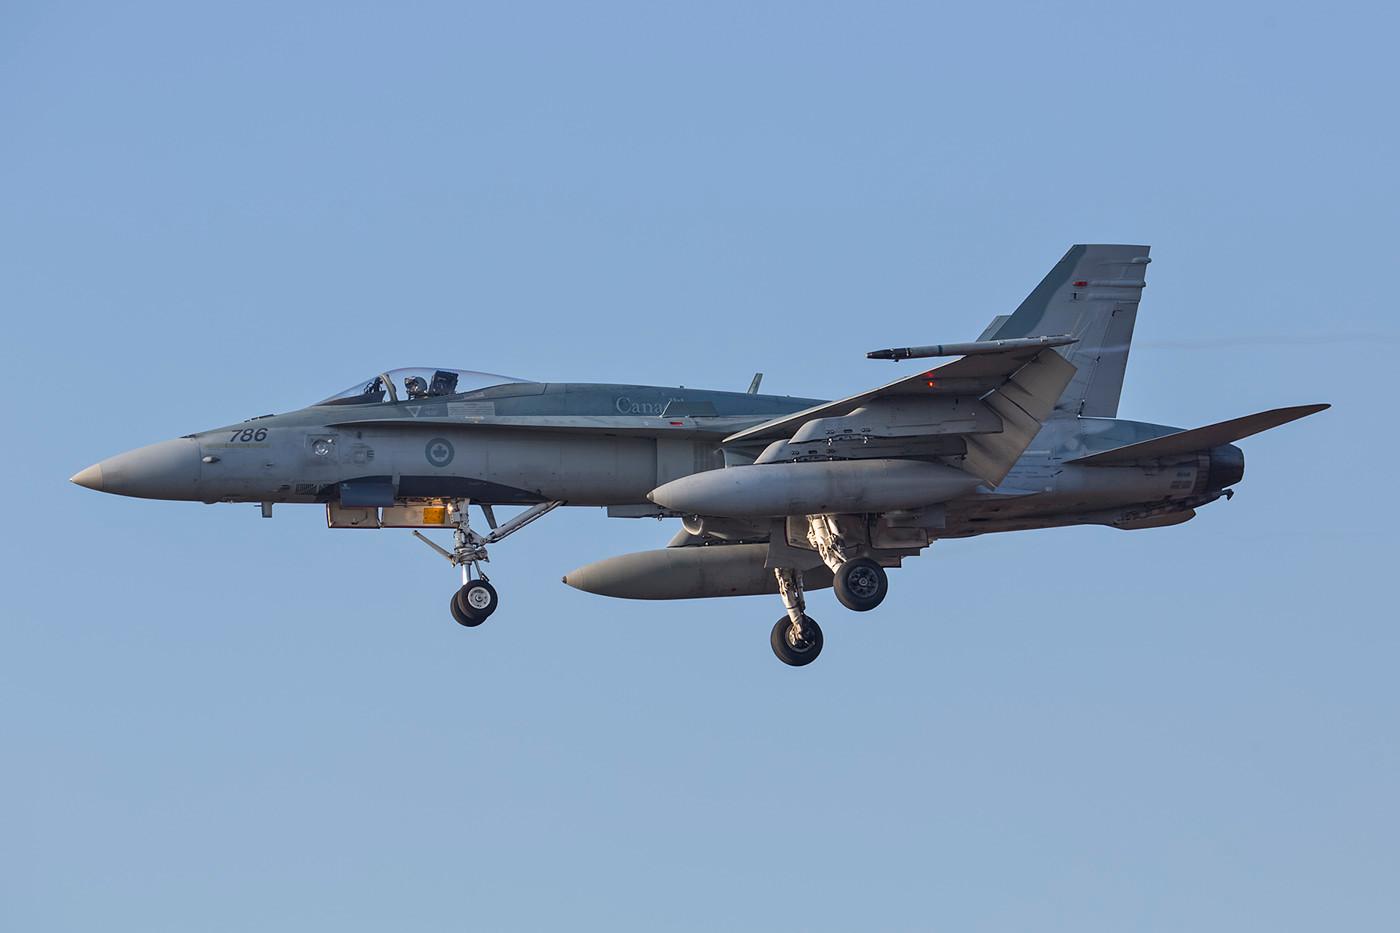 SPM 13.02.2015; 188786, CF-18A,425th TFW CFB Bagotville (Quebec)